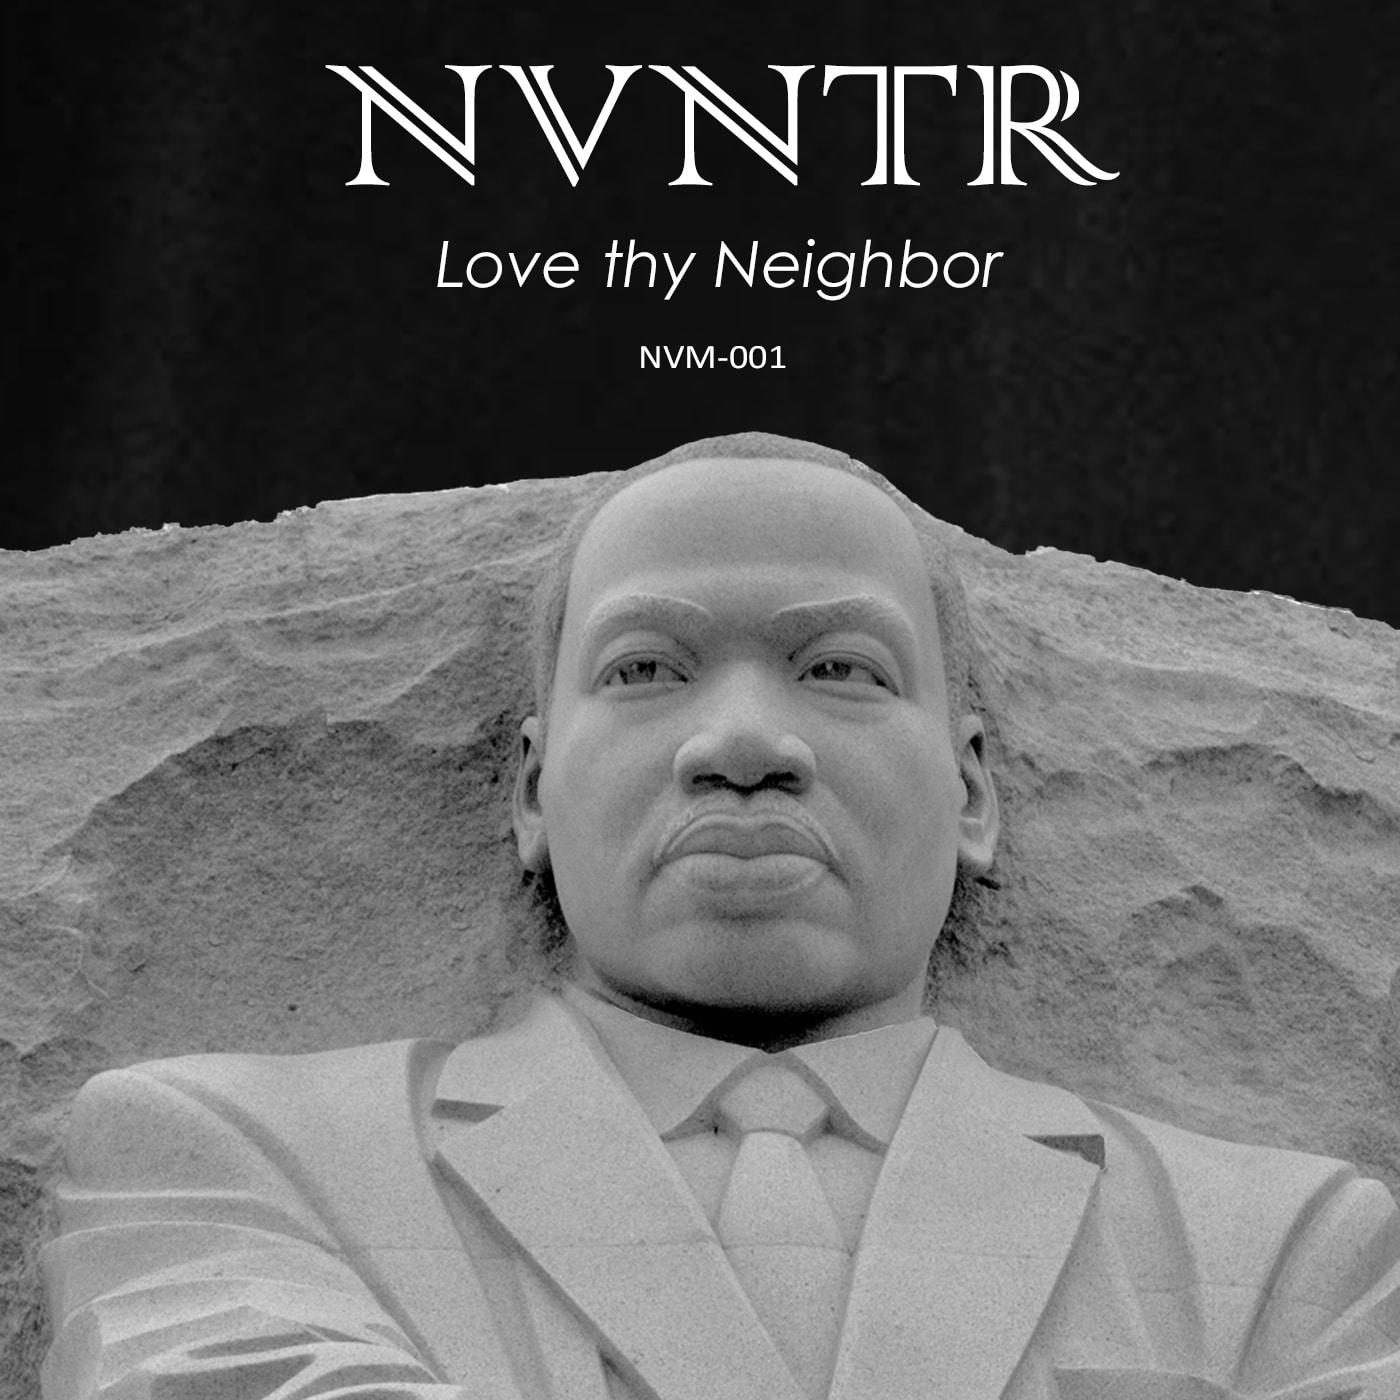 NVNTR - Love thy Neighbor - NVM-001 - Artwork Official